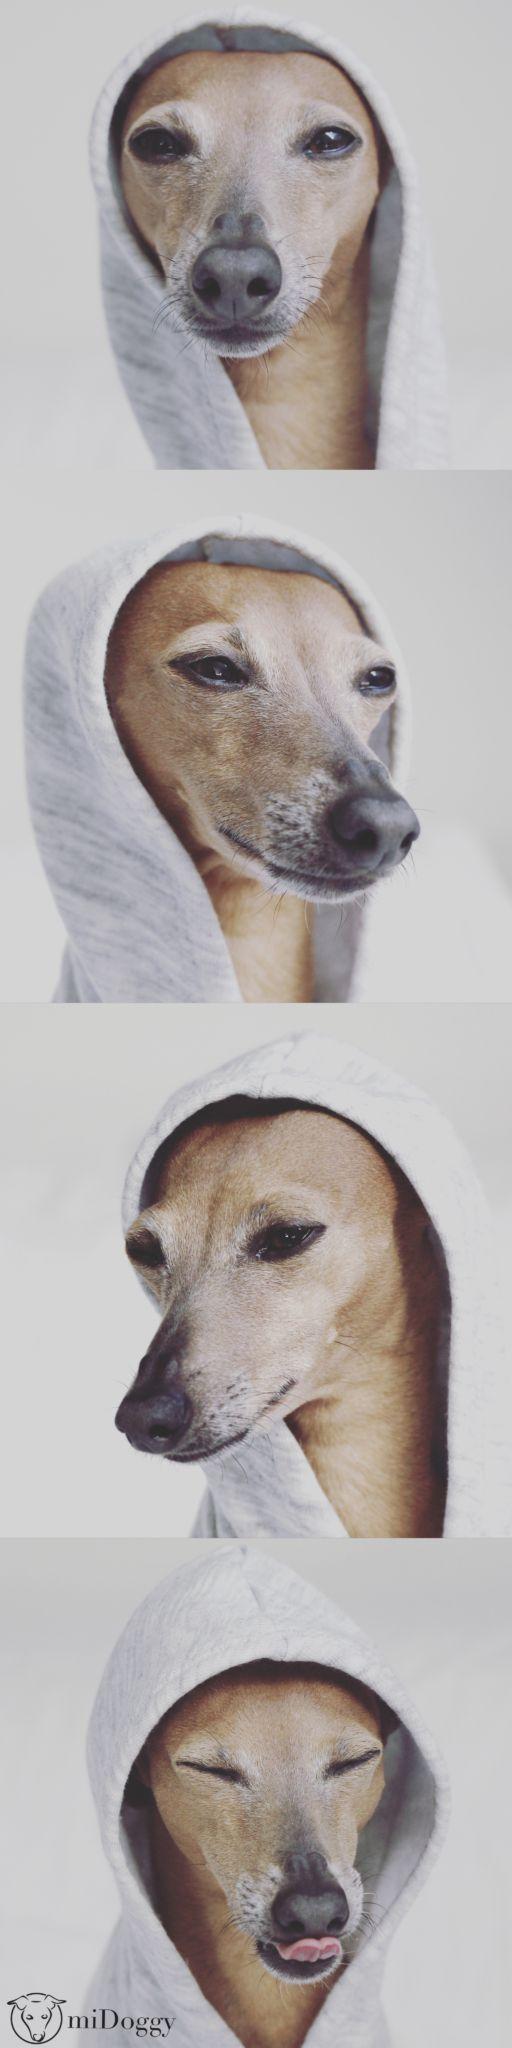 miDoggy - die Blog Community für alle Hundebegeisterte mit den besten Informationen und Ideen rund um den Hund aus erster Hand.